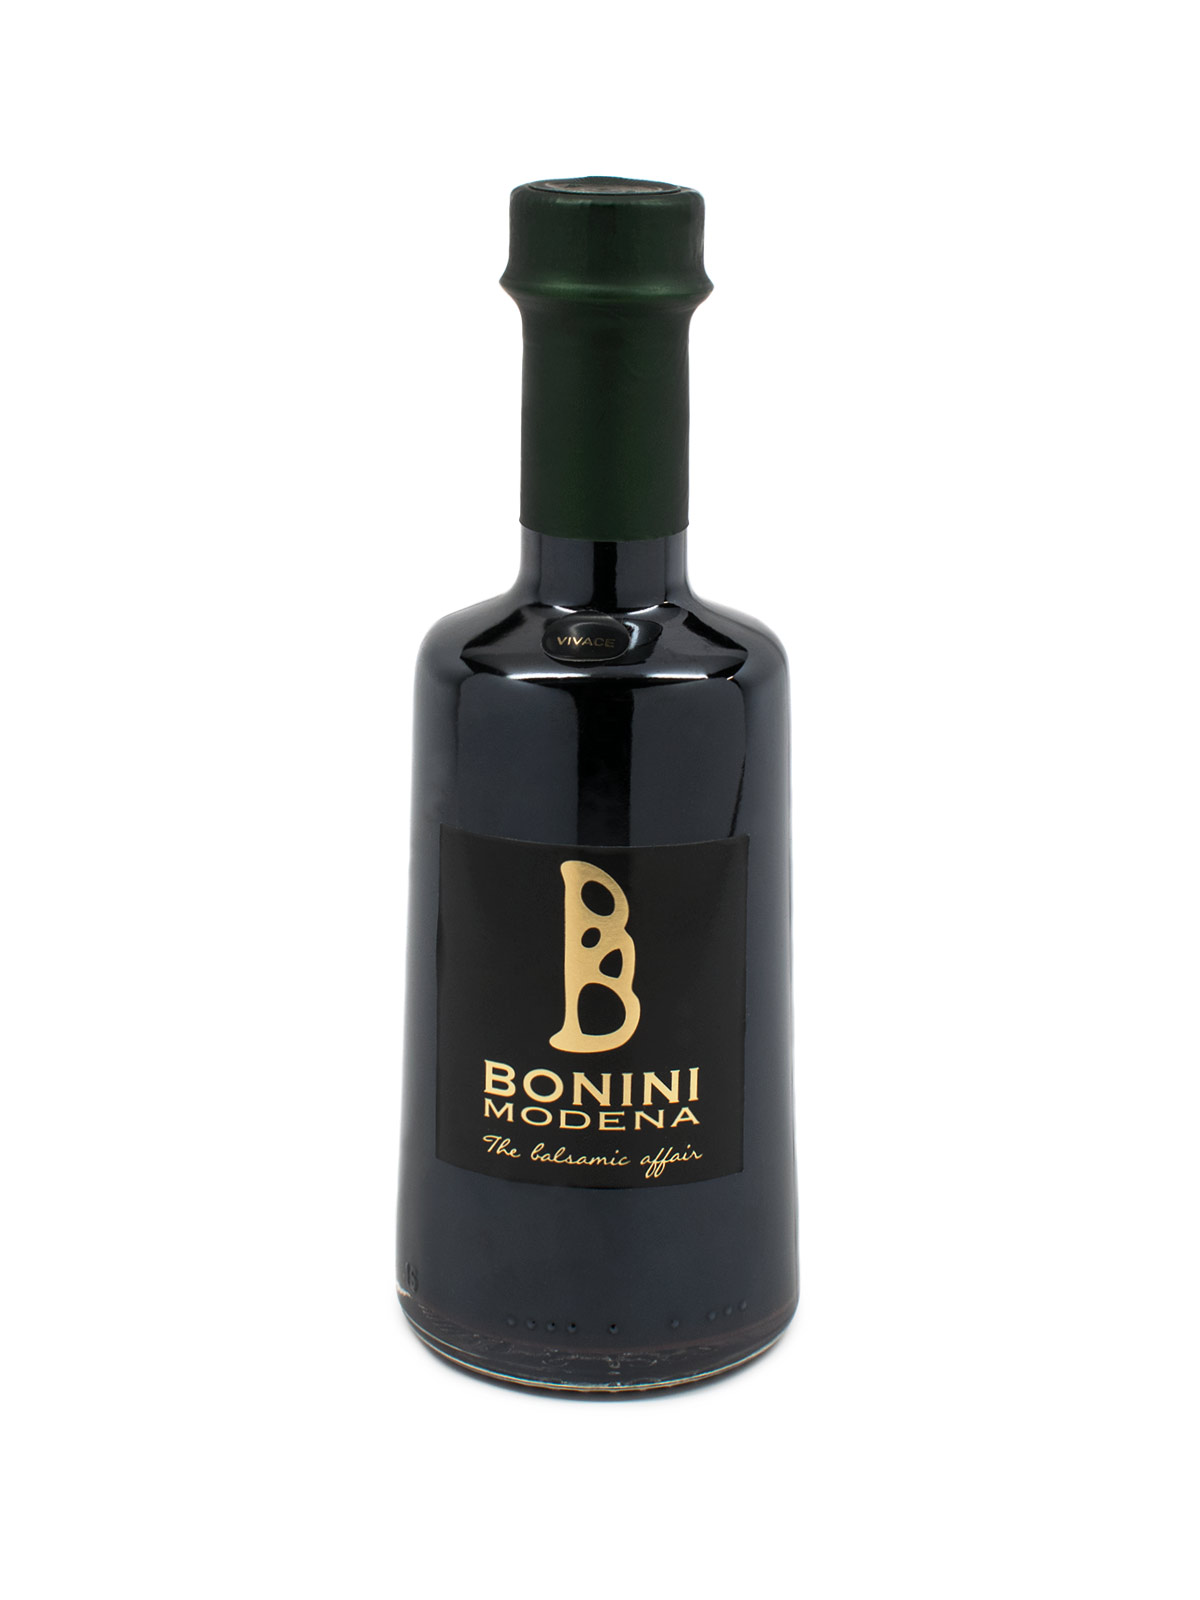 Bonini Condiment Vivace - 3 Year - Oils & Vinegars - Buon'Italia